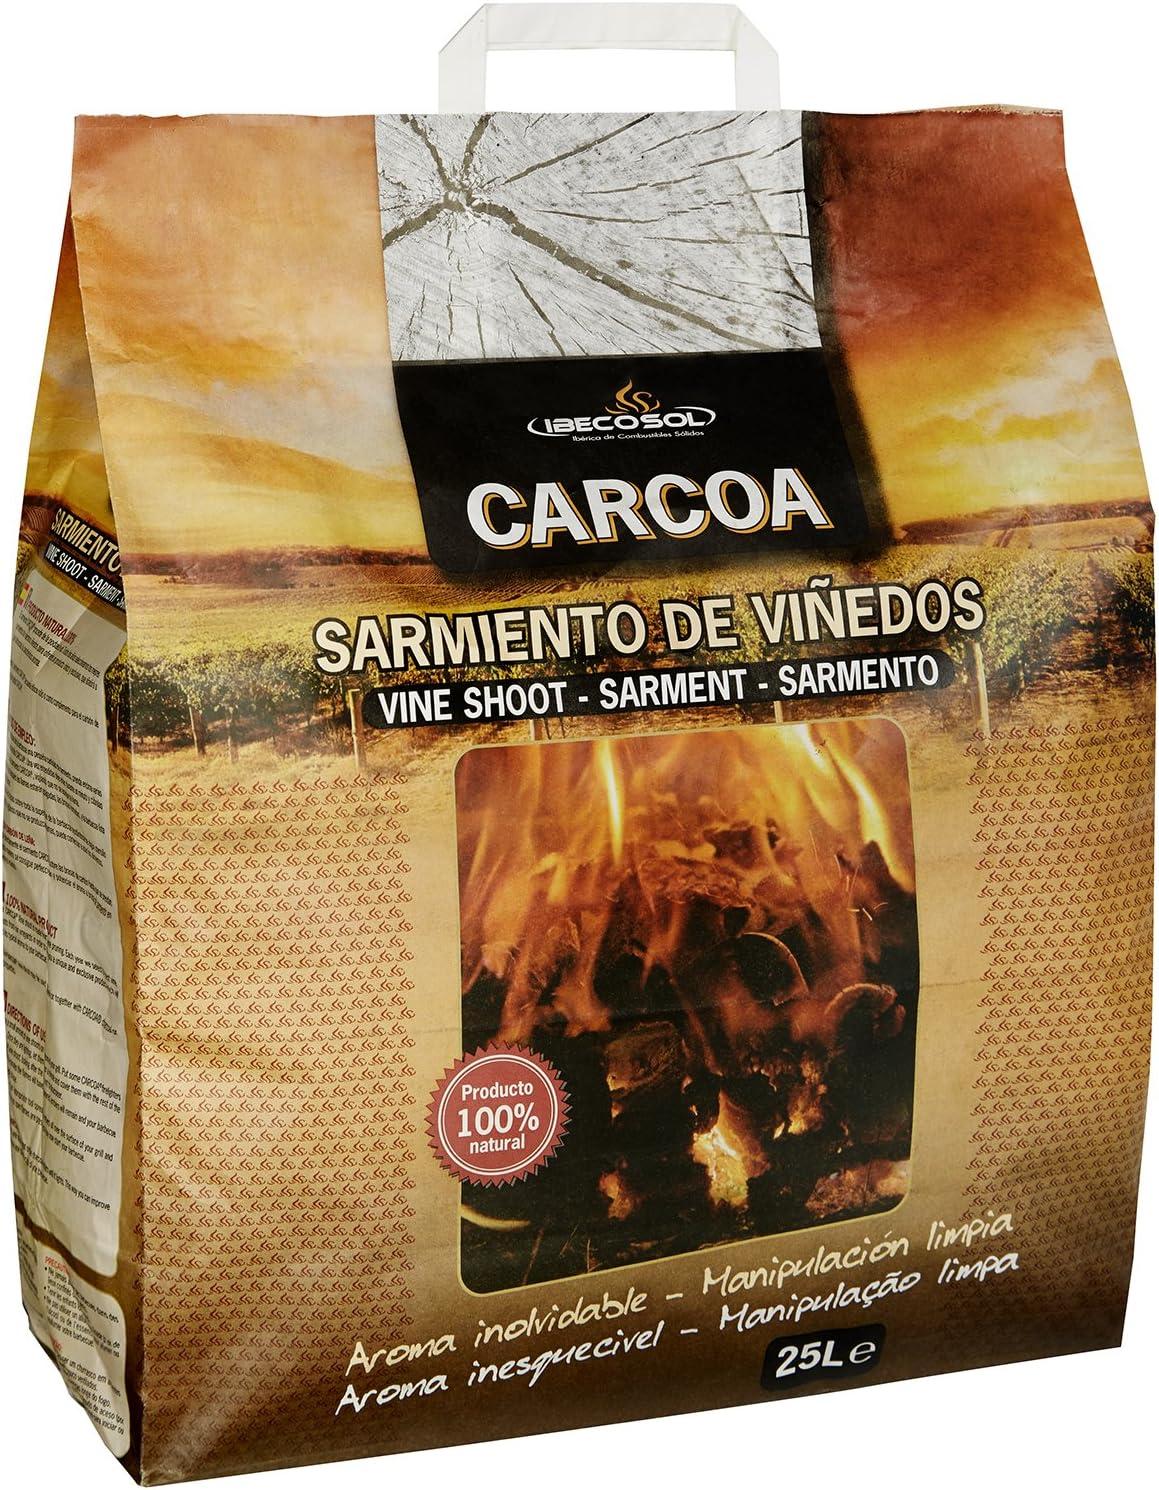 Carcoa Aromas 0609 - Sarmiento, 25 l, color marrón